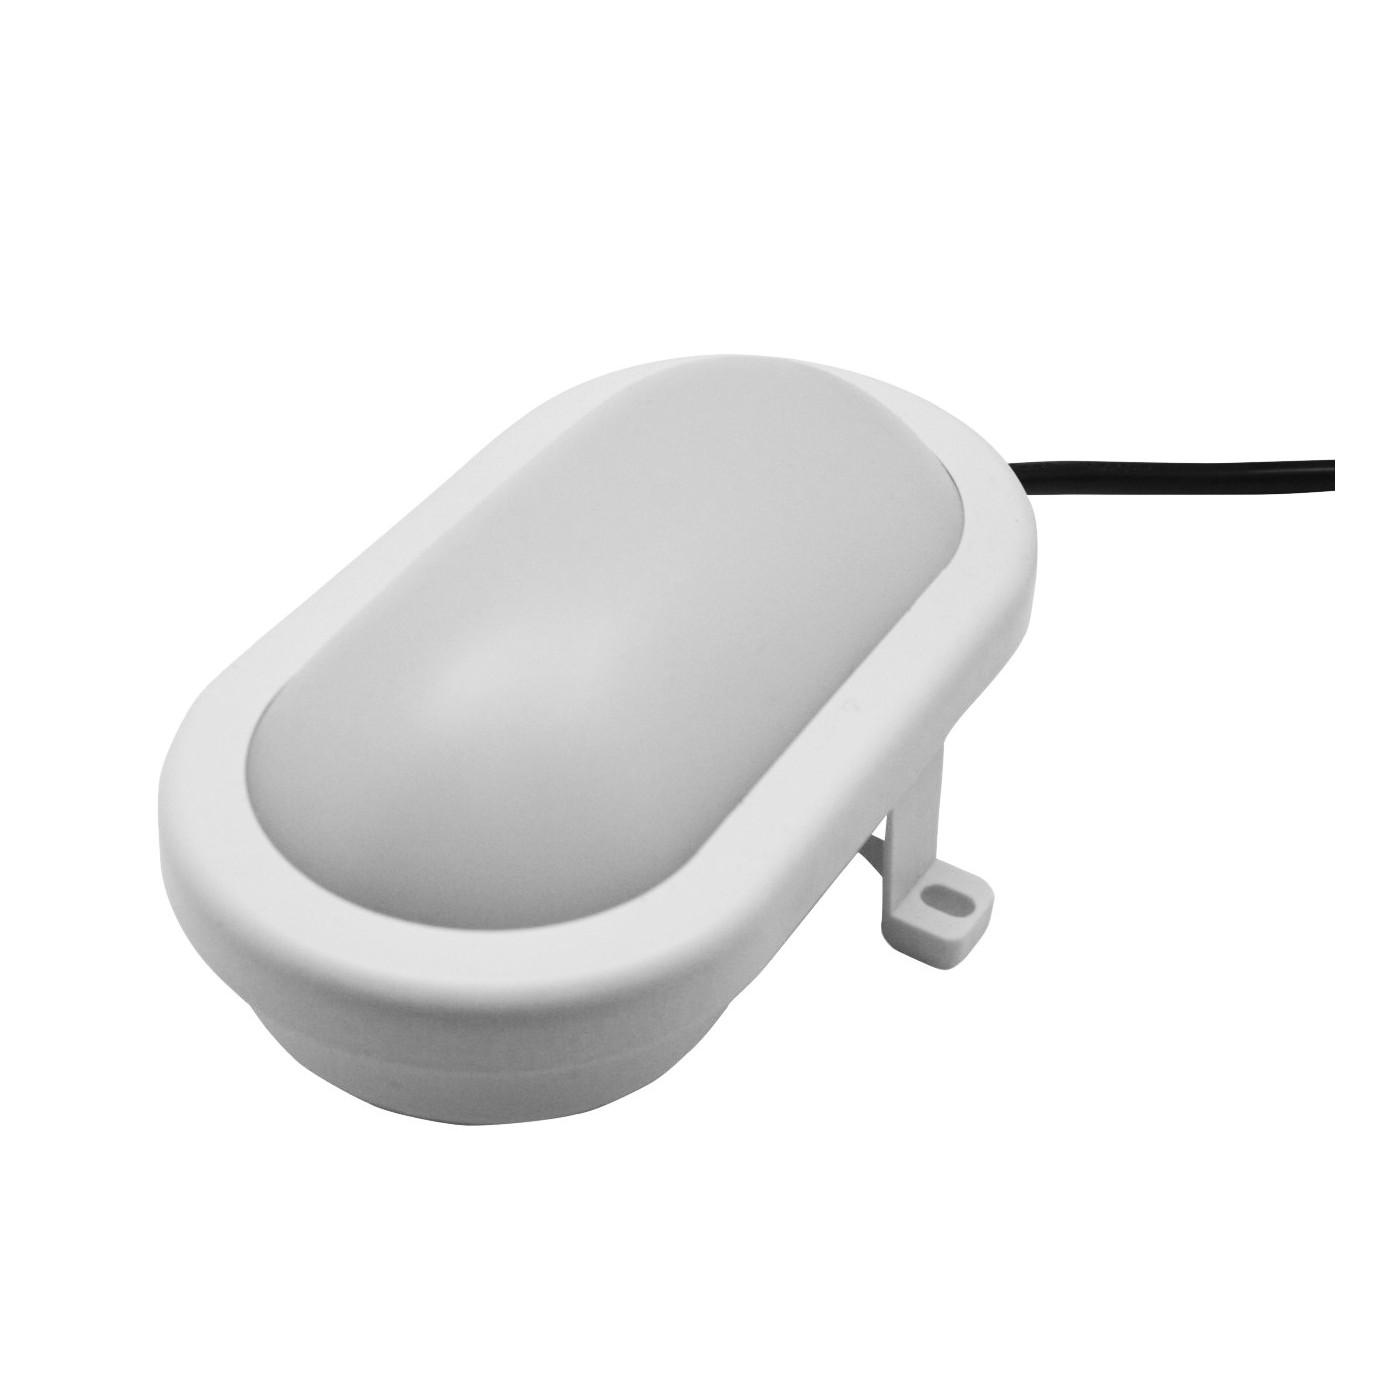 Bullseye buitenlamp (220v, spatwaterdicht, wit)